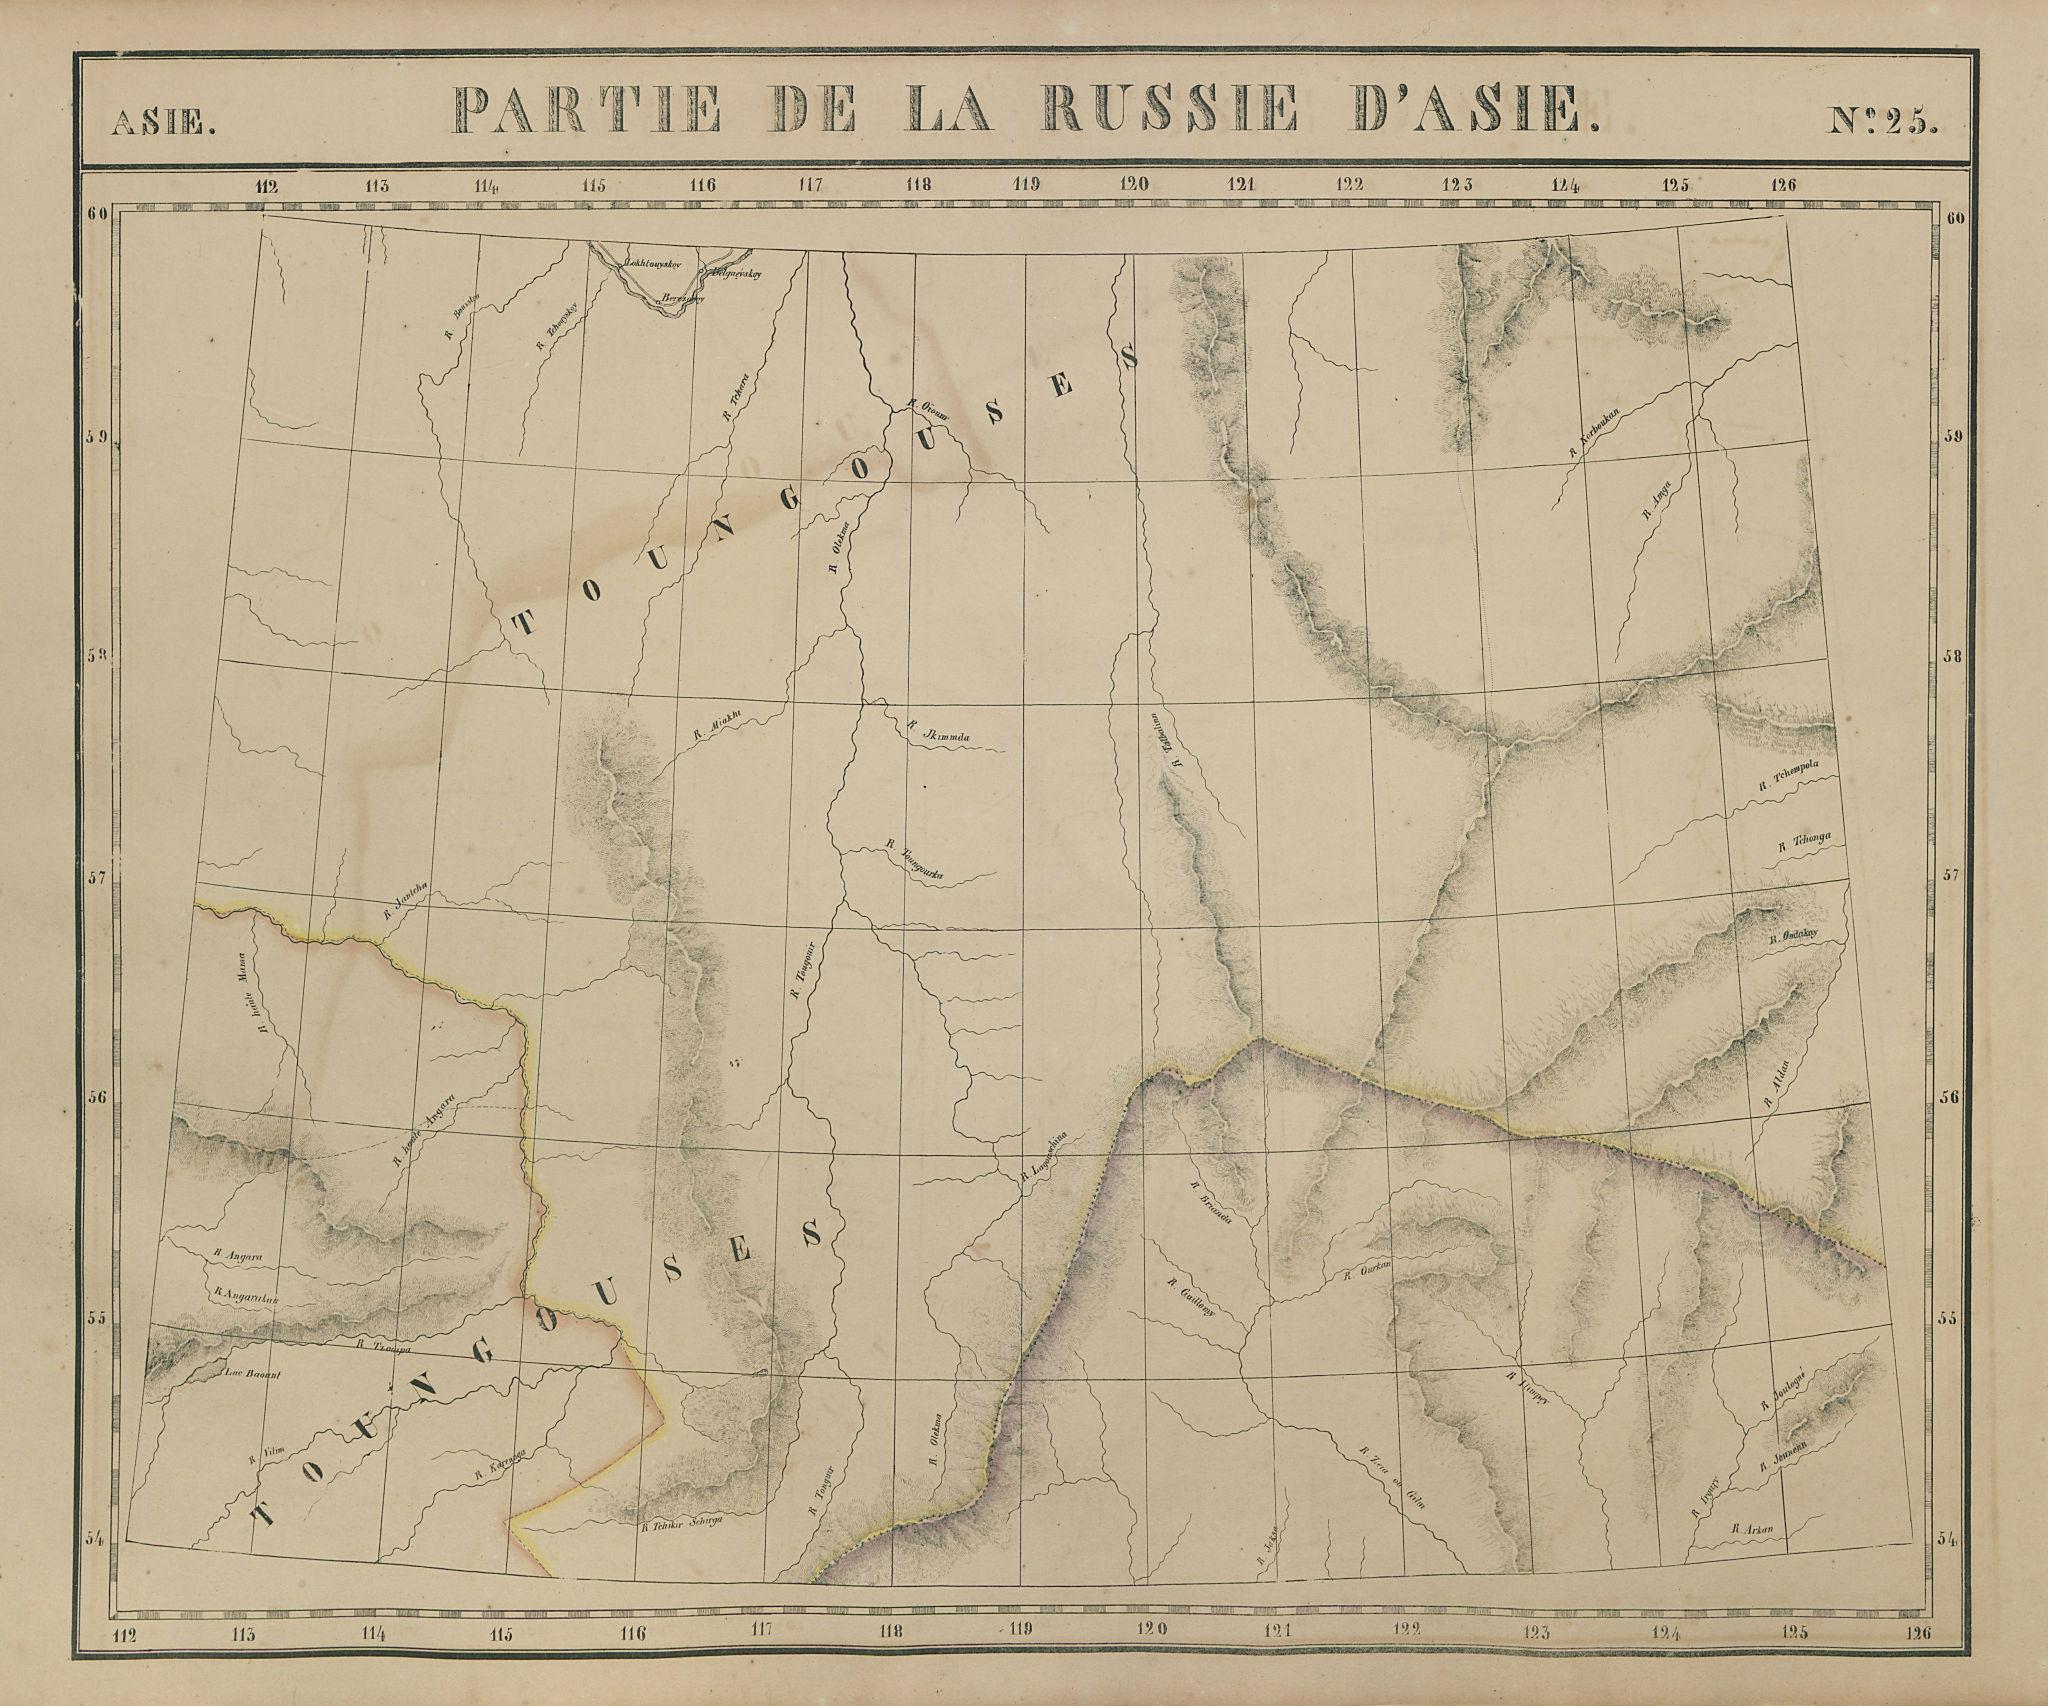 Russie d'Asie #25 Russia. East Siberia. Sakha Irkutsk Amur VANDERMAELEN 1827 map